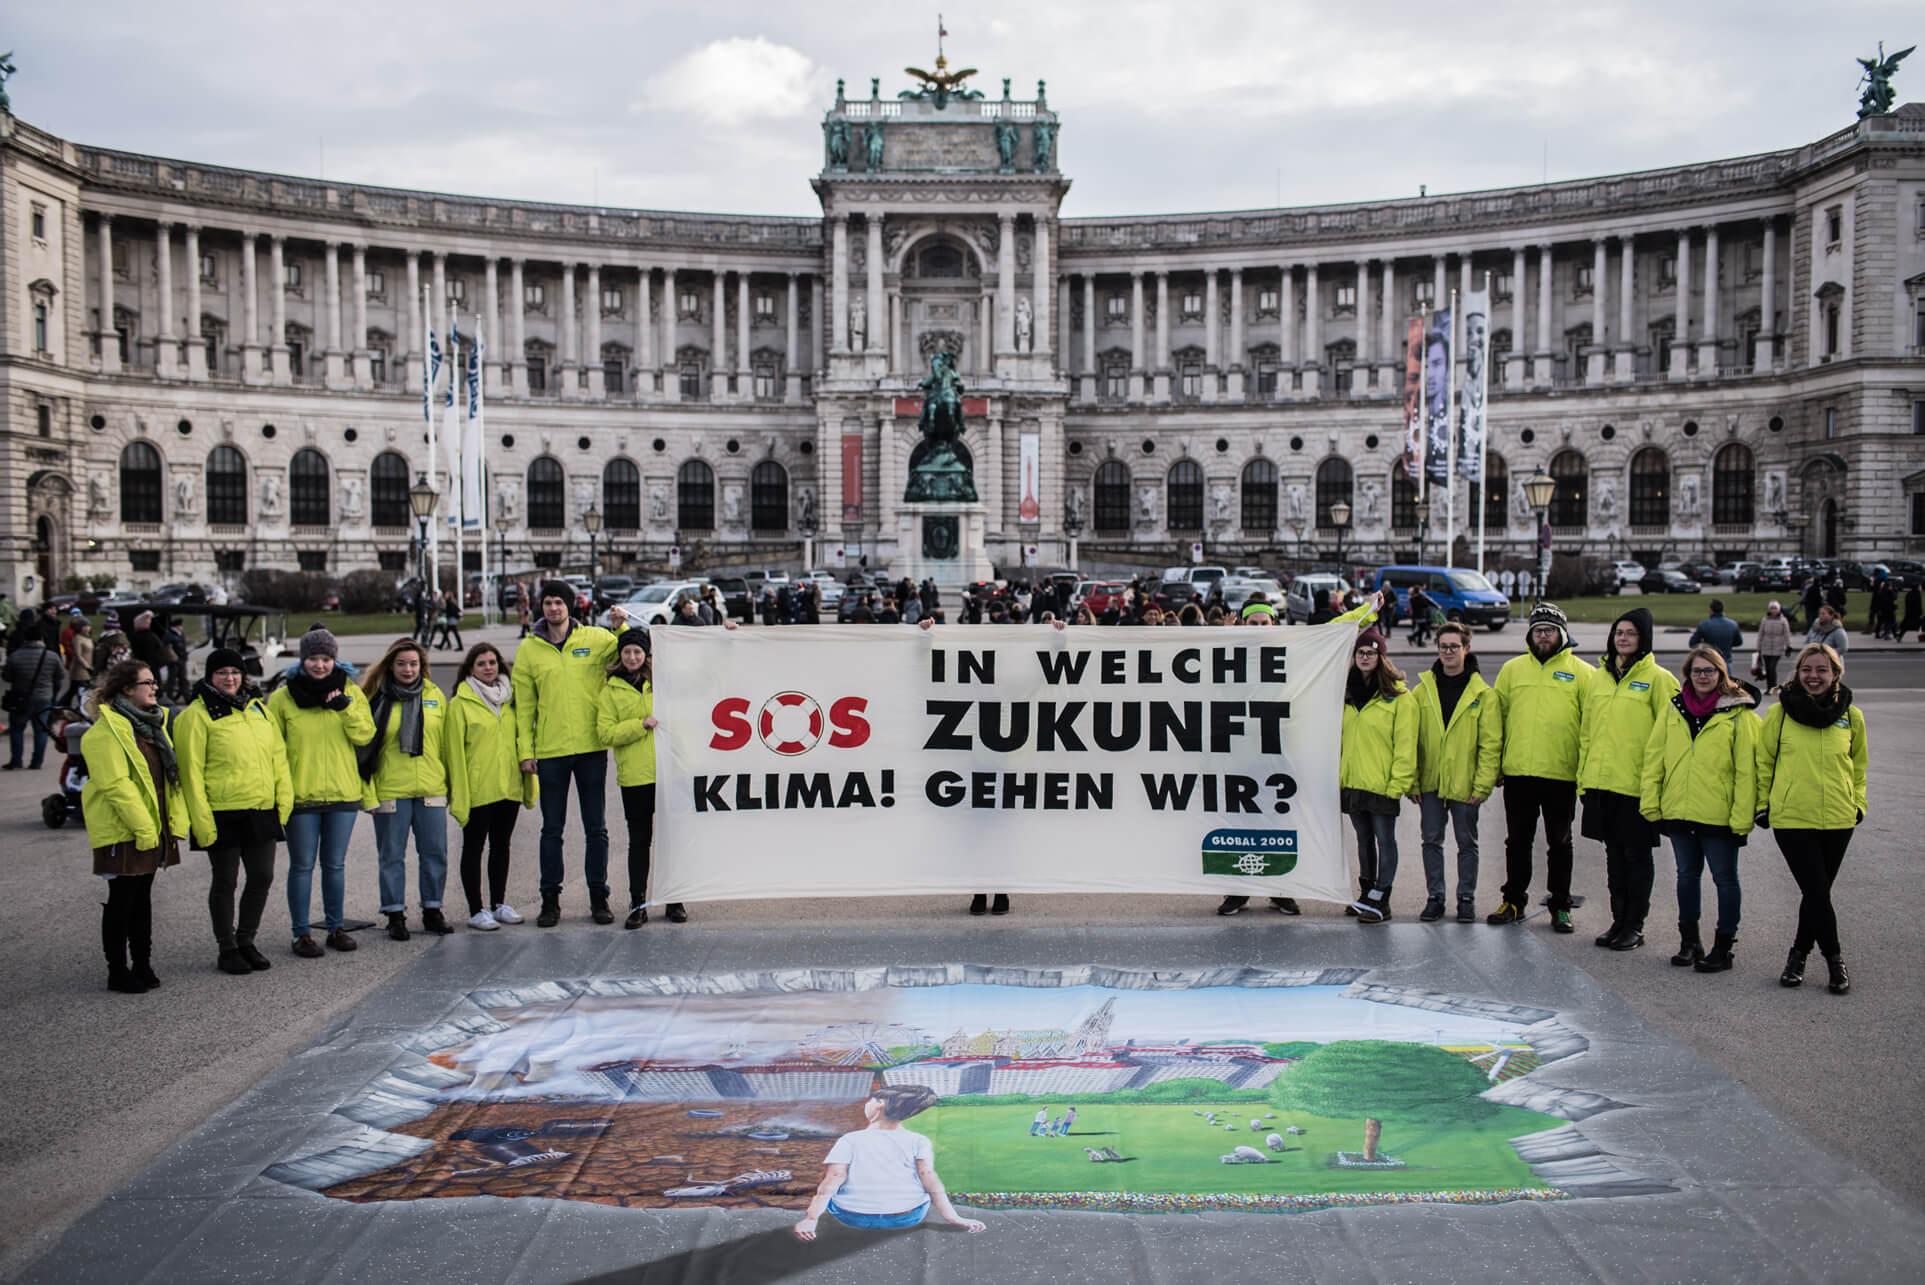 In welche Klima-Zukunft gehen wir?